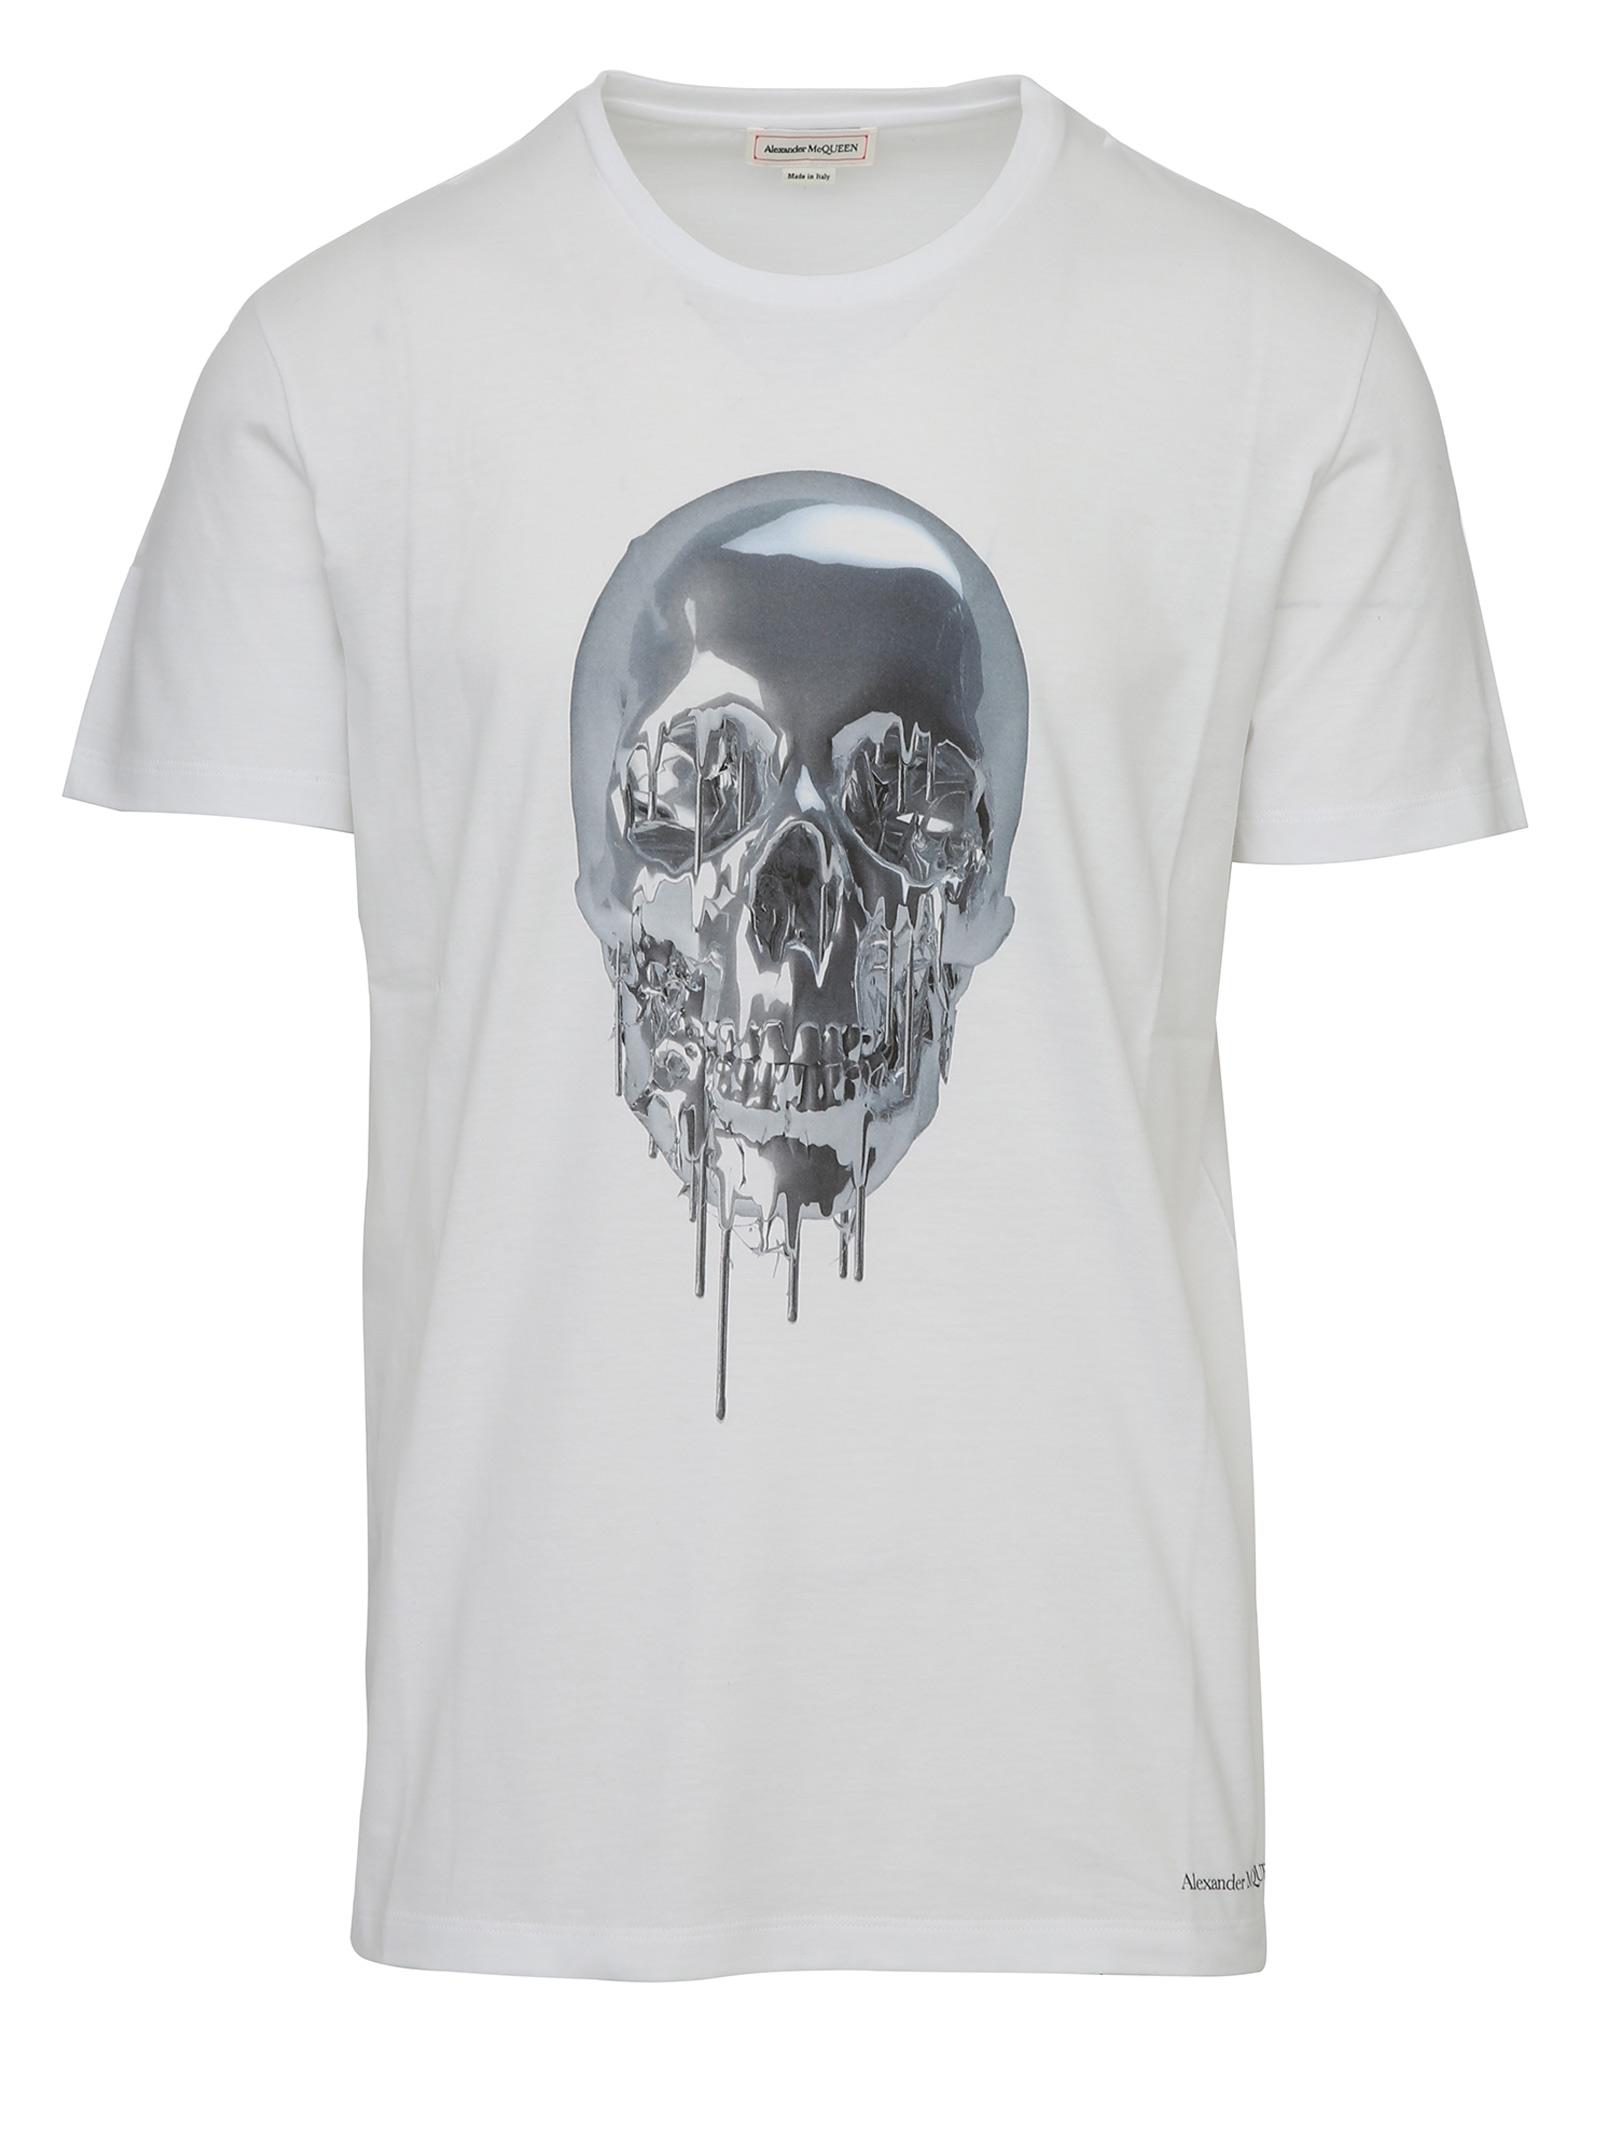 279d75eb88b Michele Franzese Moda. 0. Alexander McQueen T-shirt Alexander McQueen